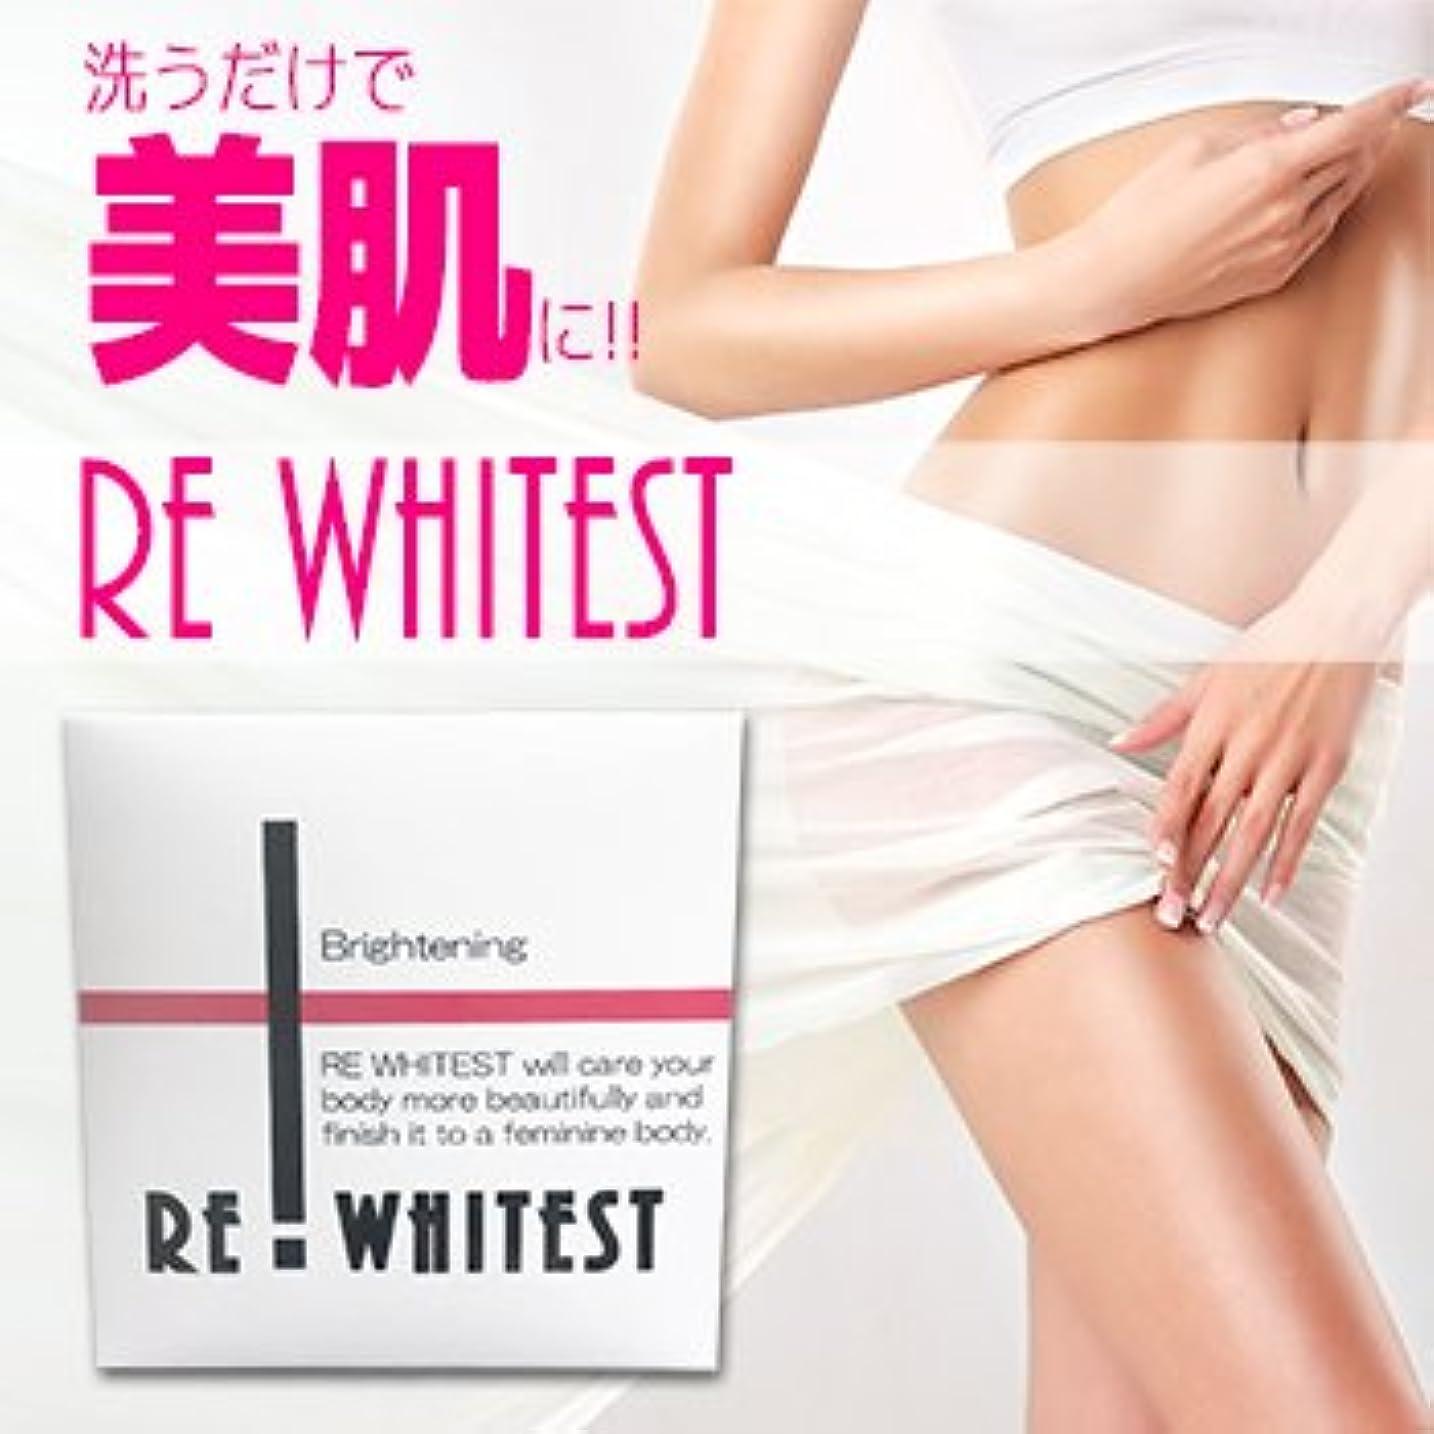 ご覧ください名声極貧パパイン+イソフラボン配合女性用美肌石鹸 REWHITEST-リホワイテスト-